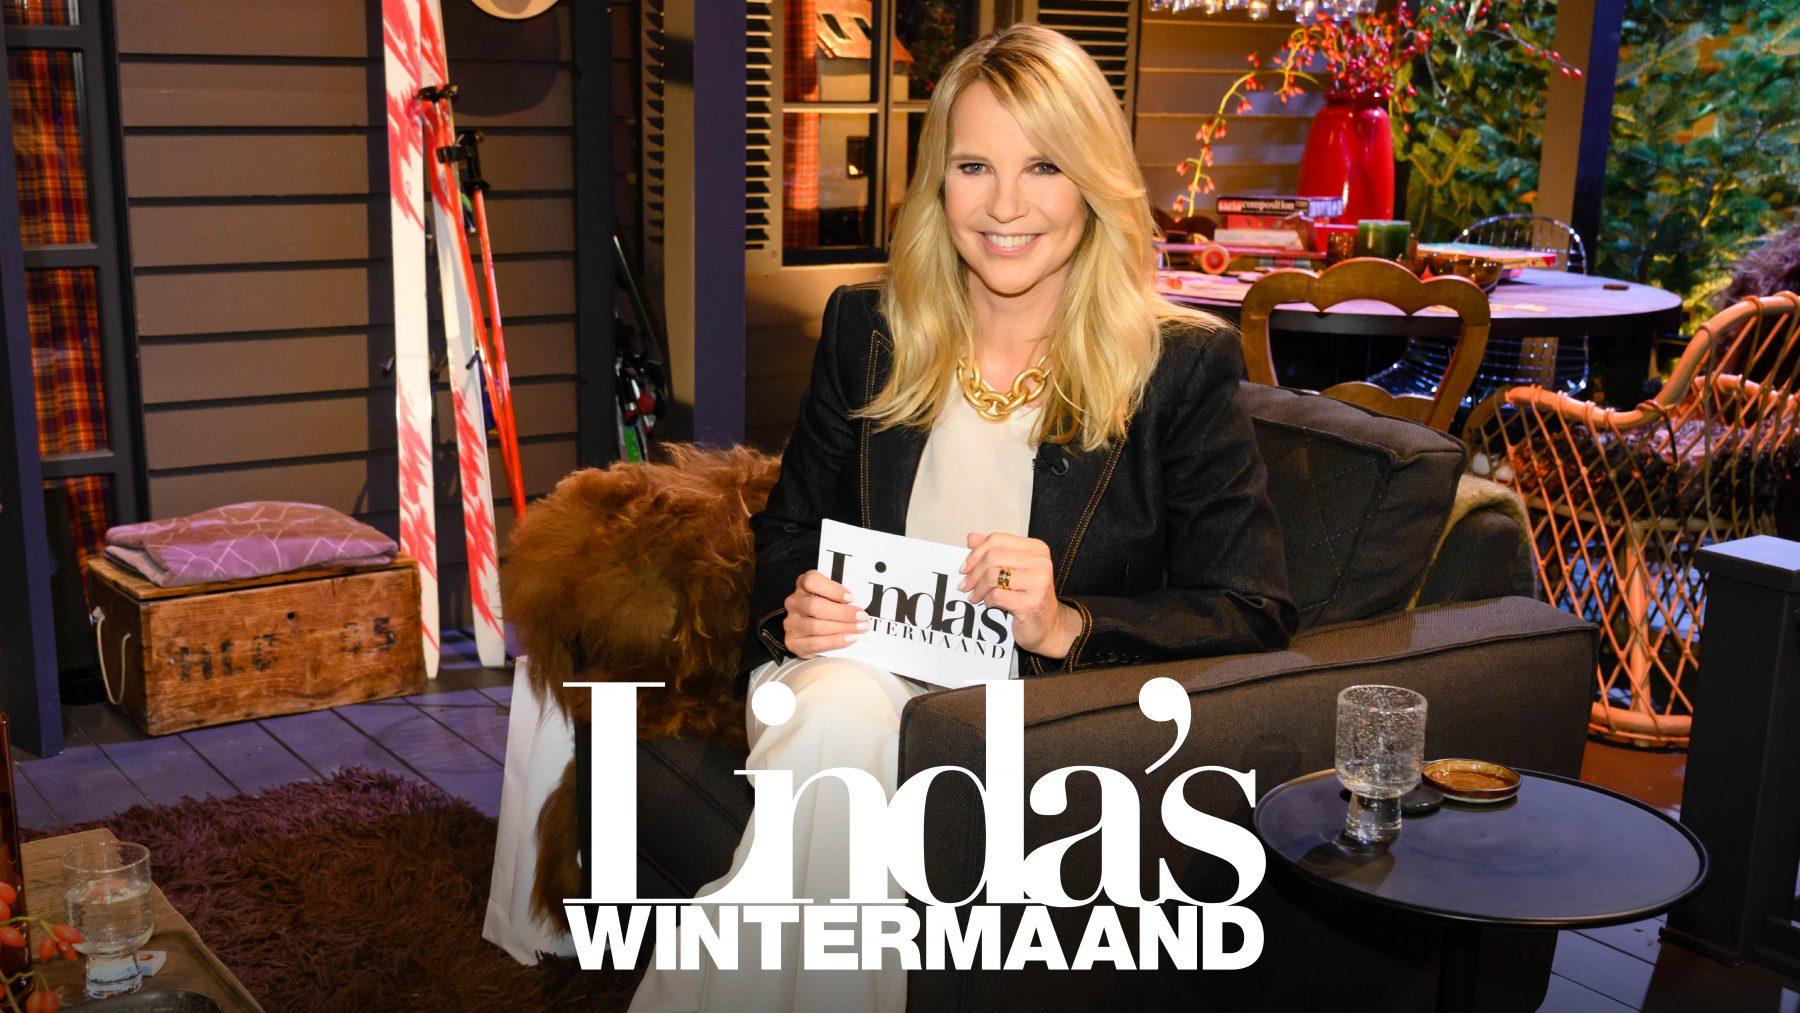 wintermaand Beluister de podcast van Linda's Wintermaand